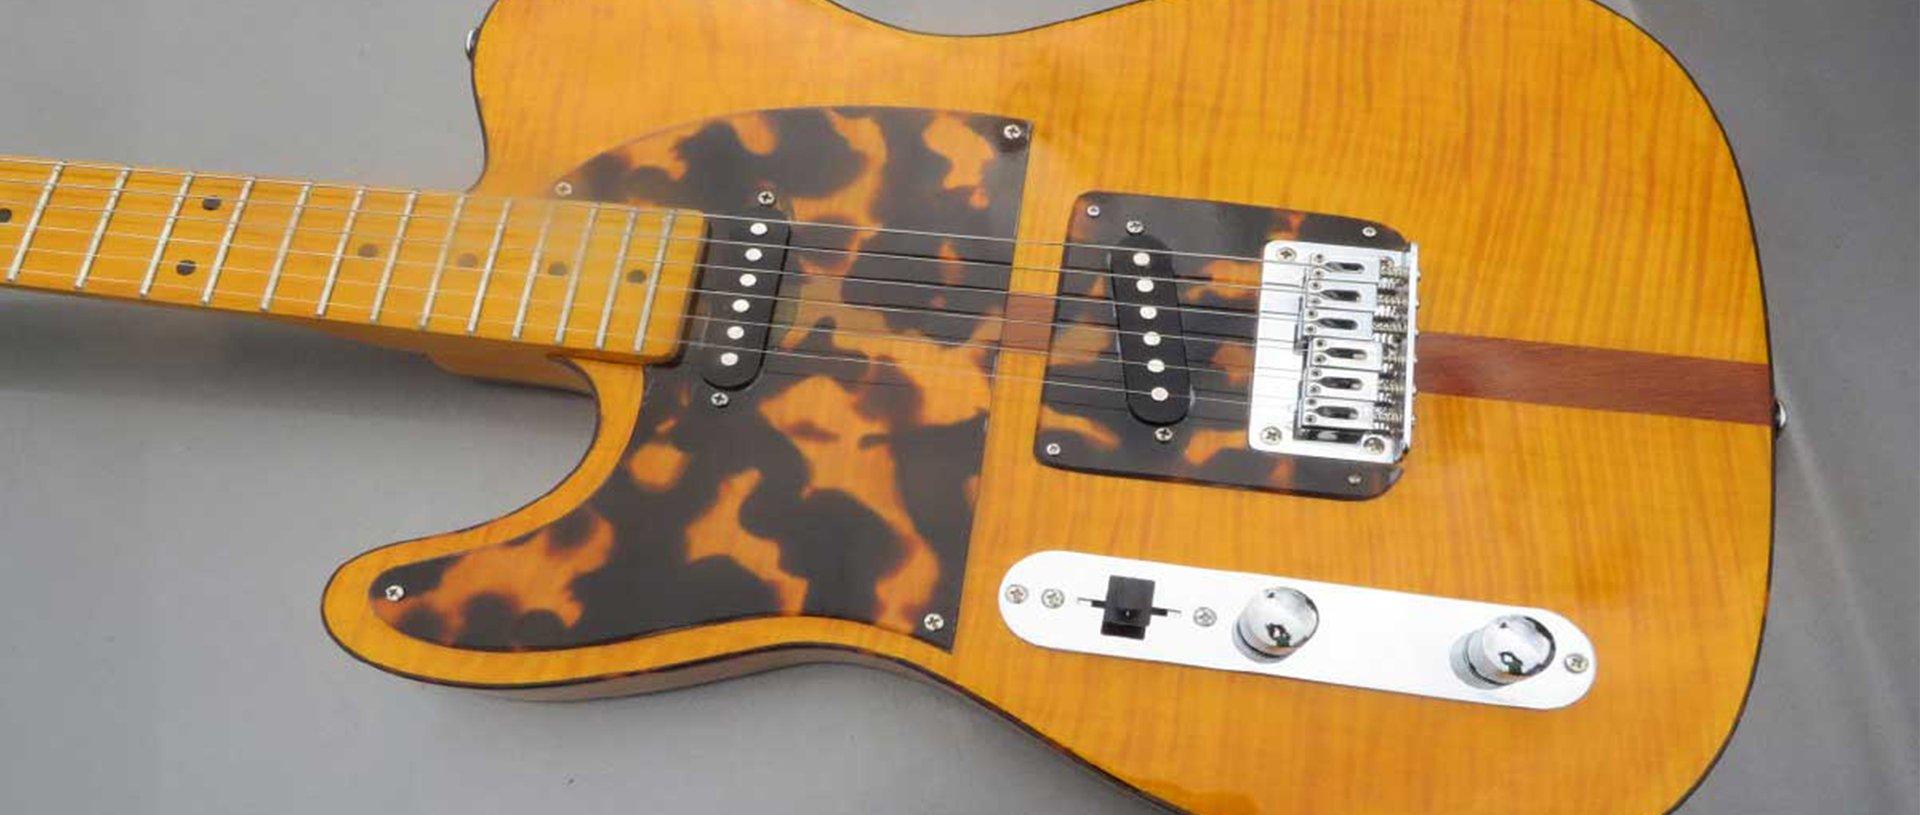 The Madcat Guitar